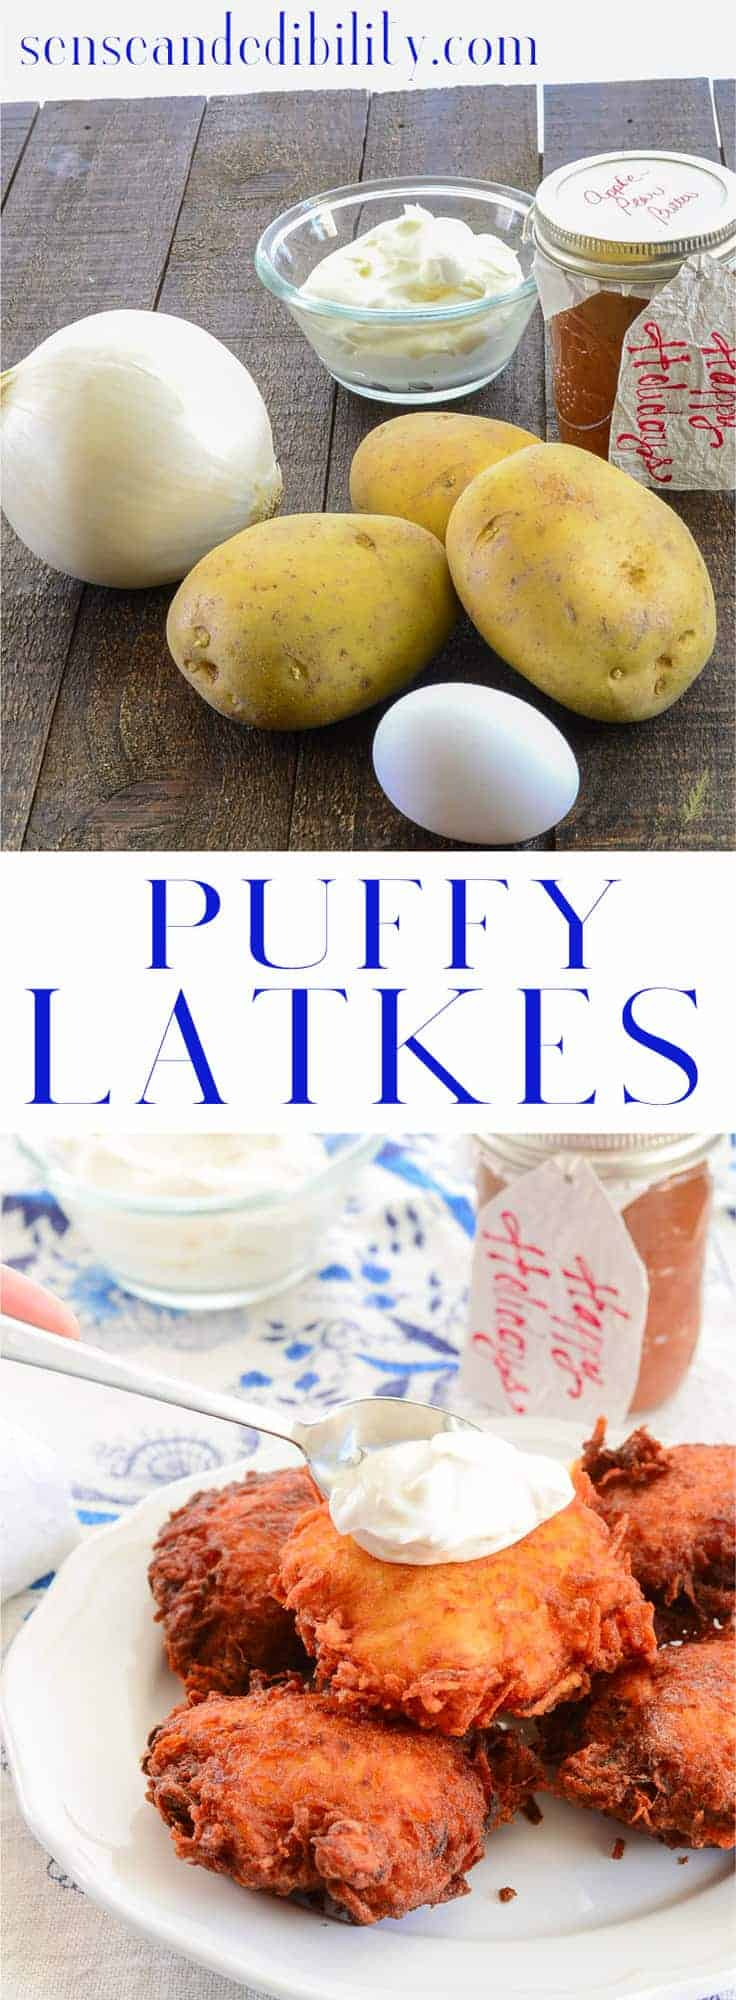 Sense & Edibility's Puffy Latkes Pin